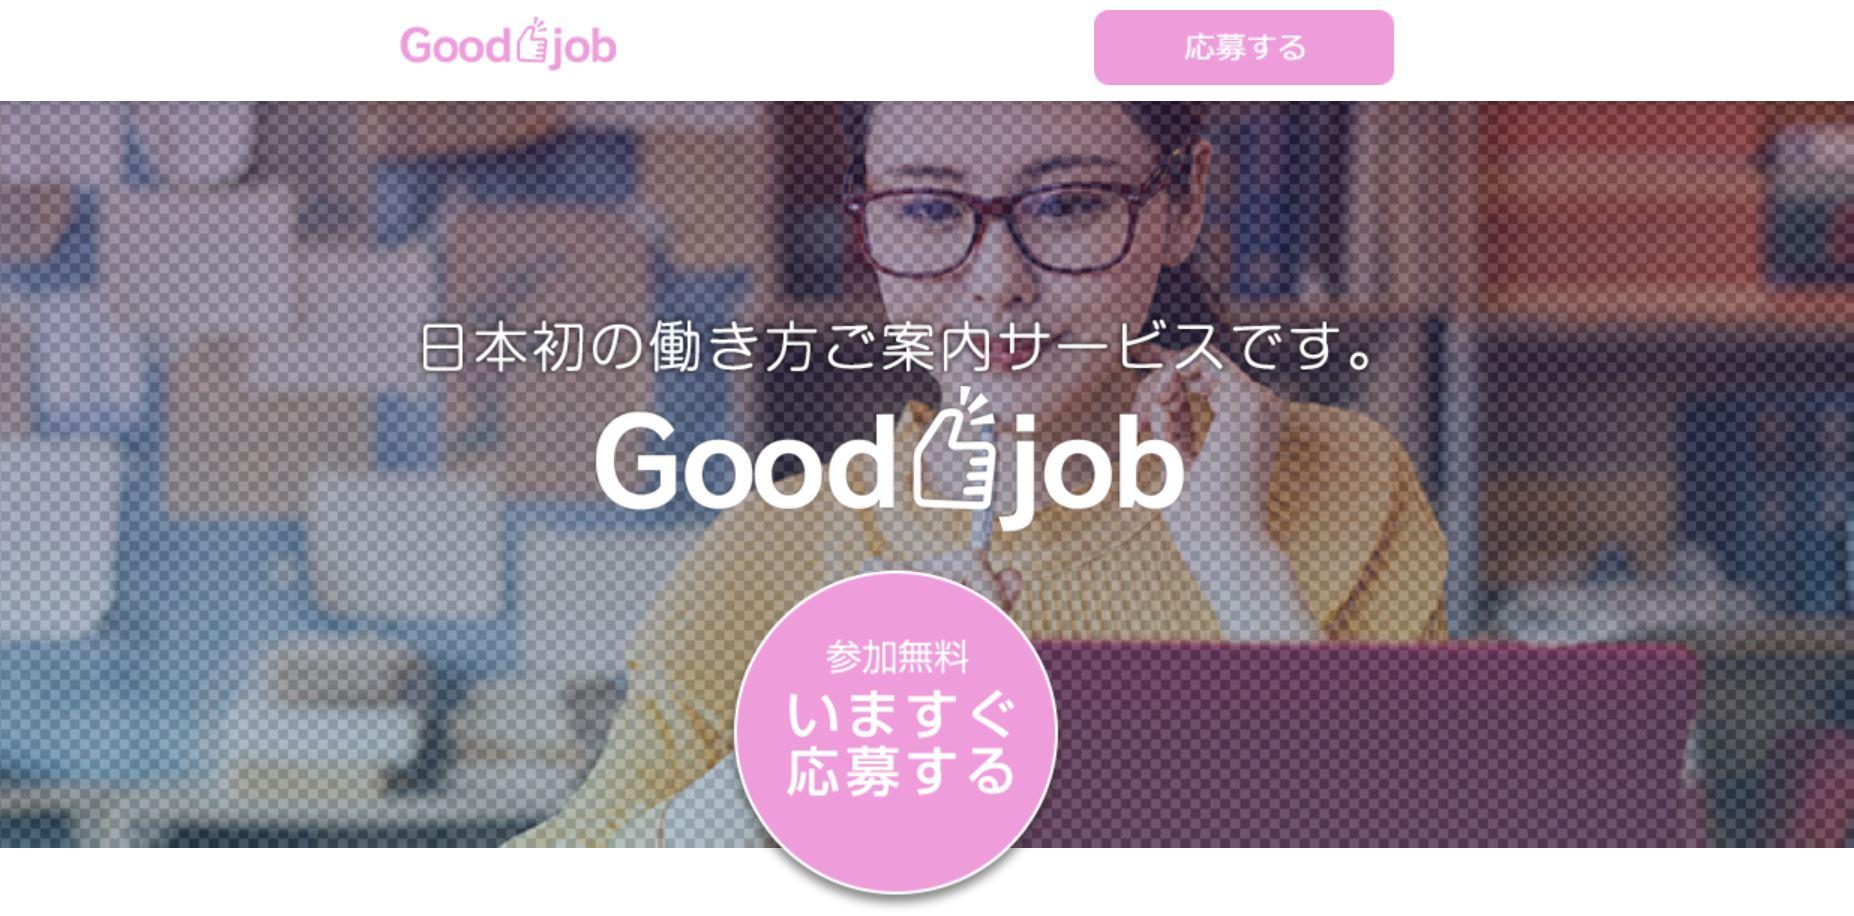 田中裕子 Goodjob 日本初働き方案内サービスは詐欺!?ソース徹底調査